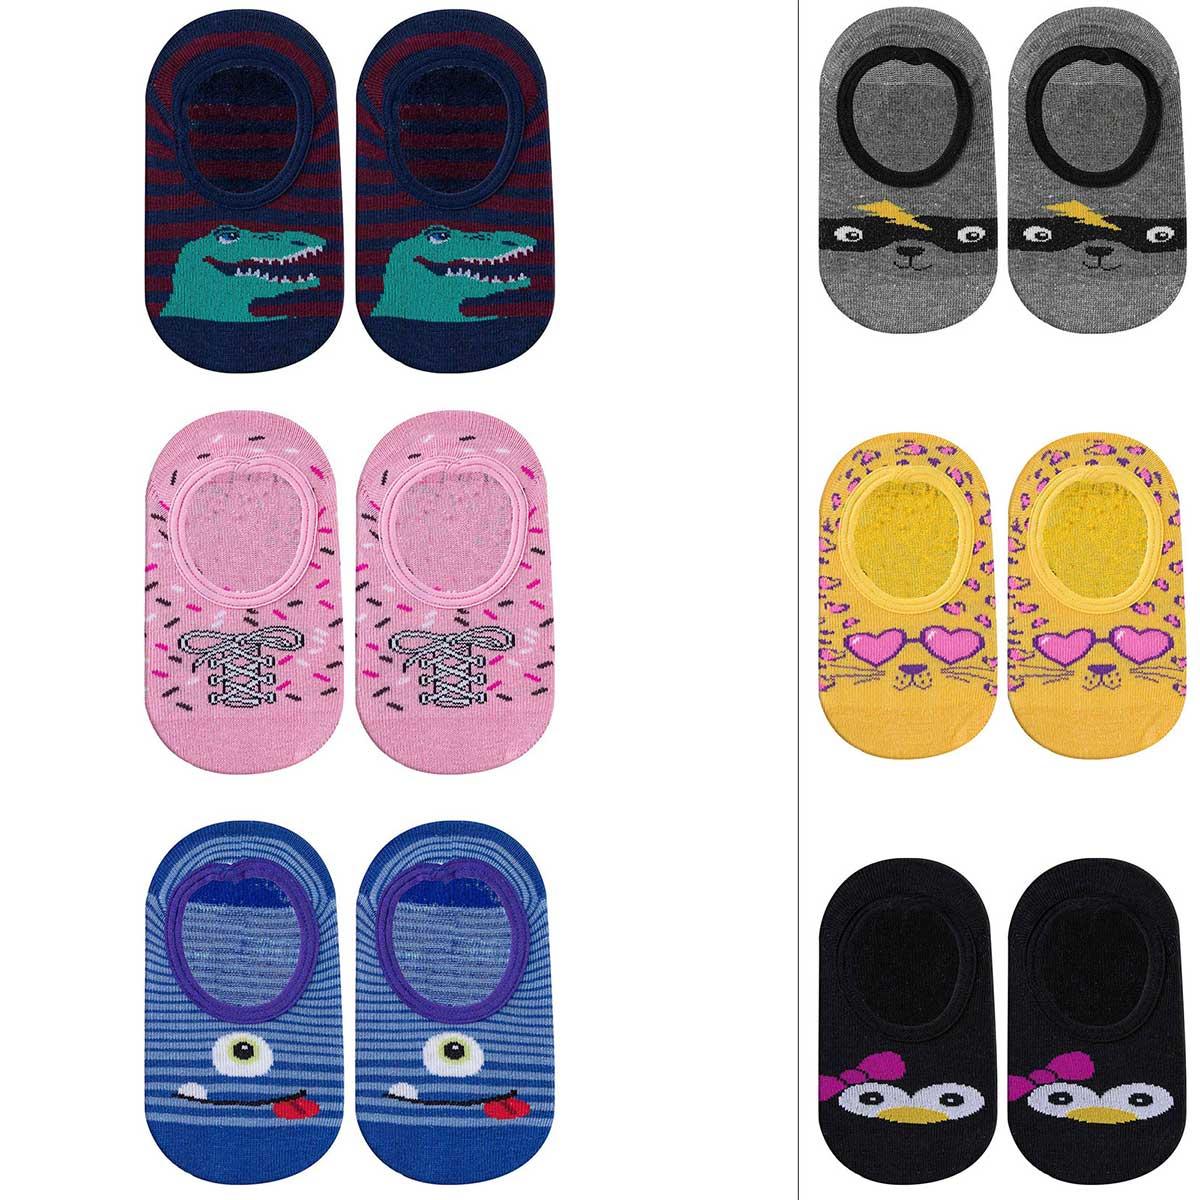 Kit 02 pares de Meia Play Socks